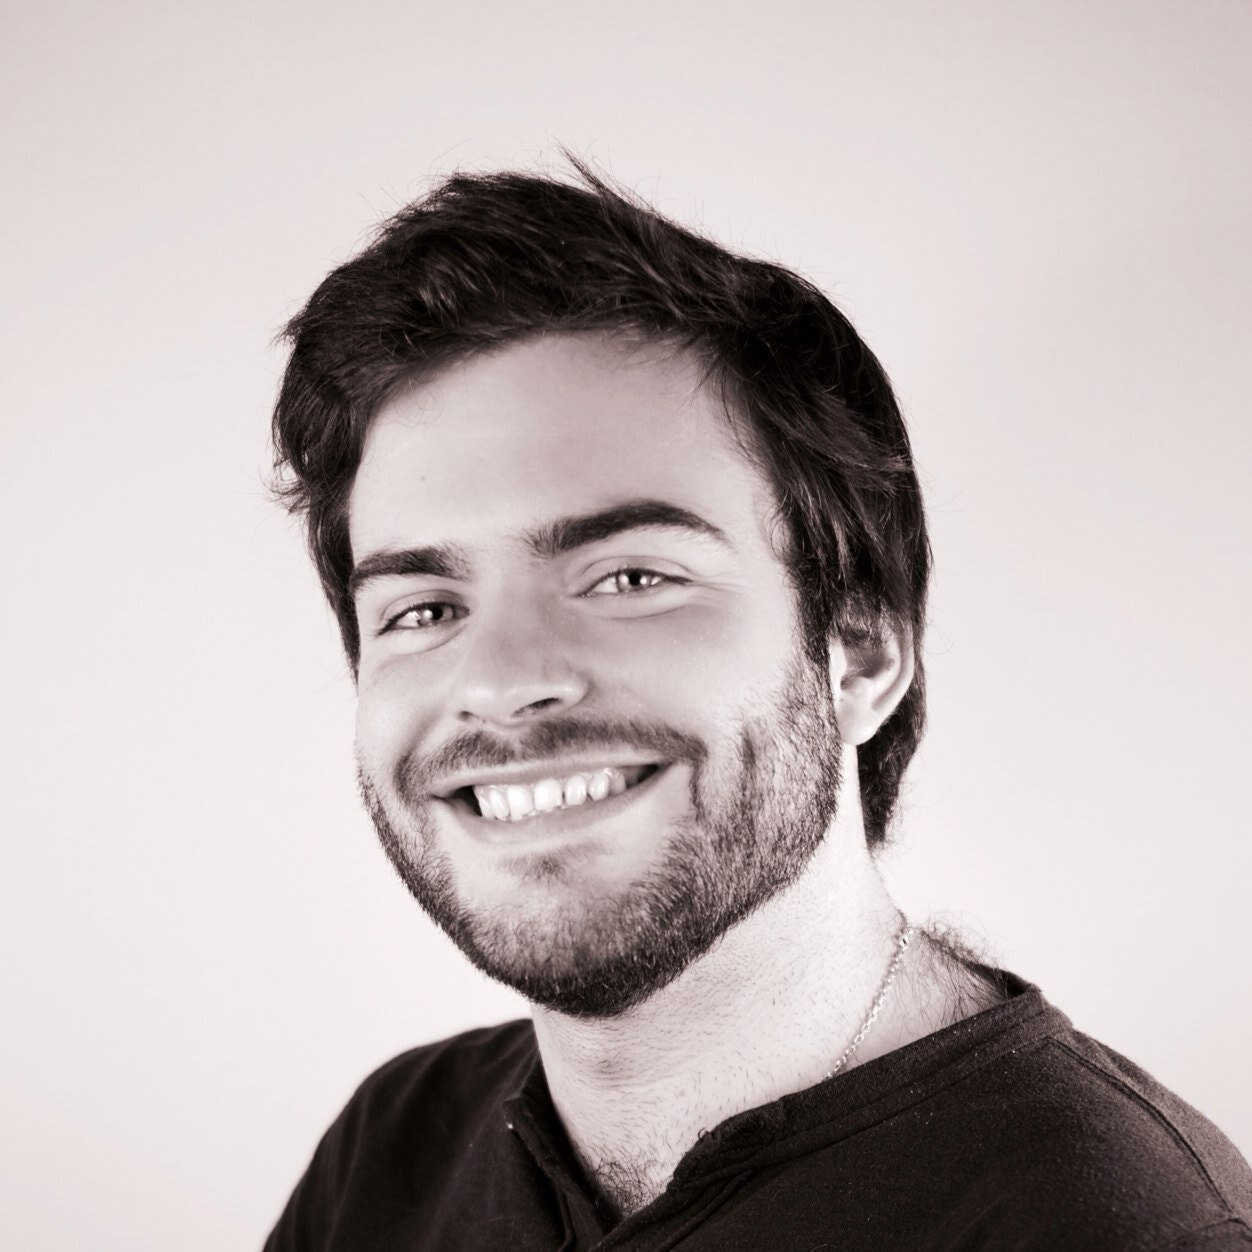 Romain Monclus